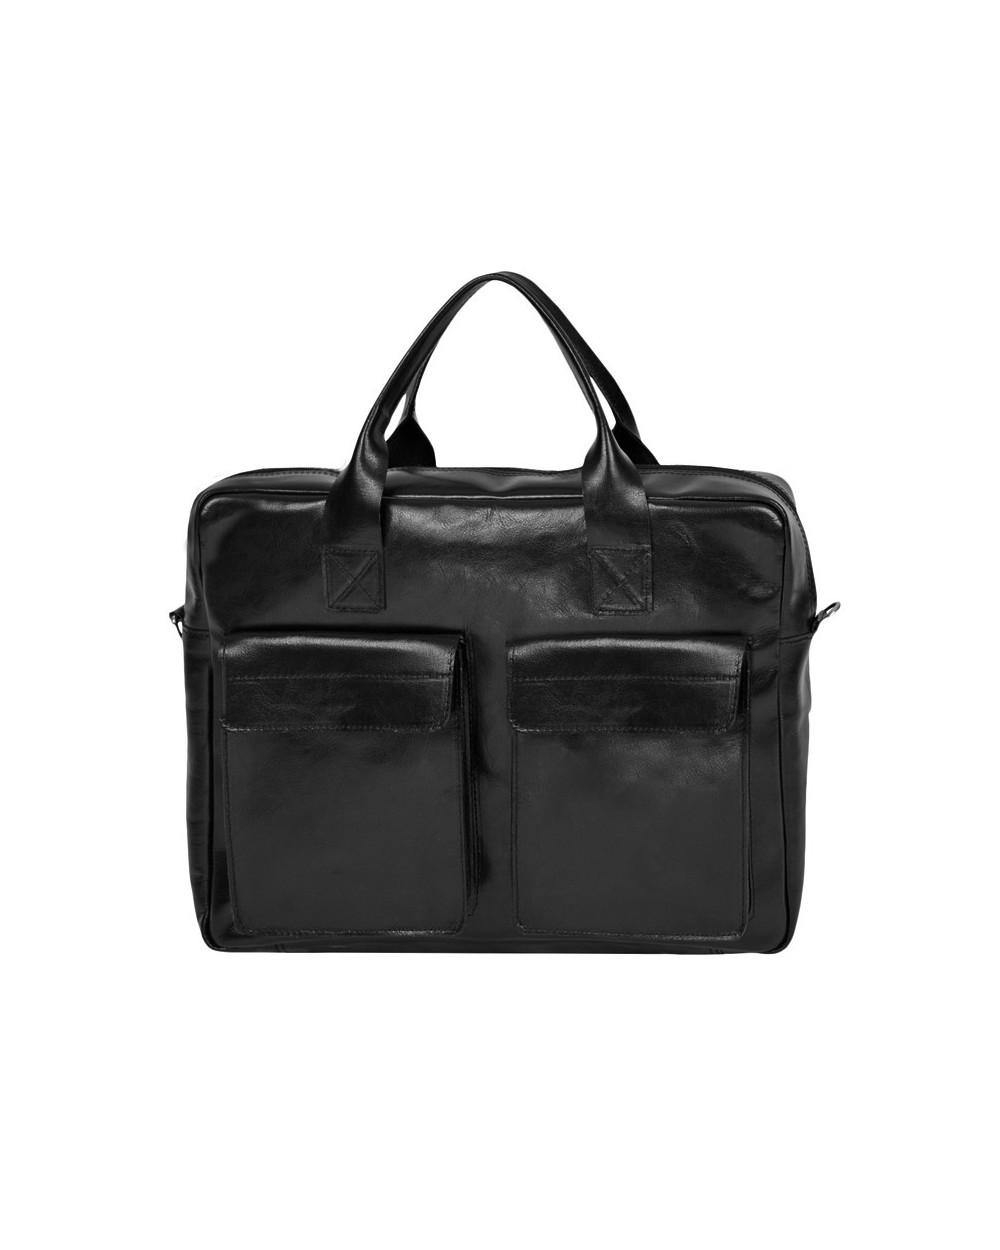 882ff94c0f0d4 Duża męska torba skórzana na laptopa czarna - Dla niego - Sklep ...